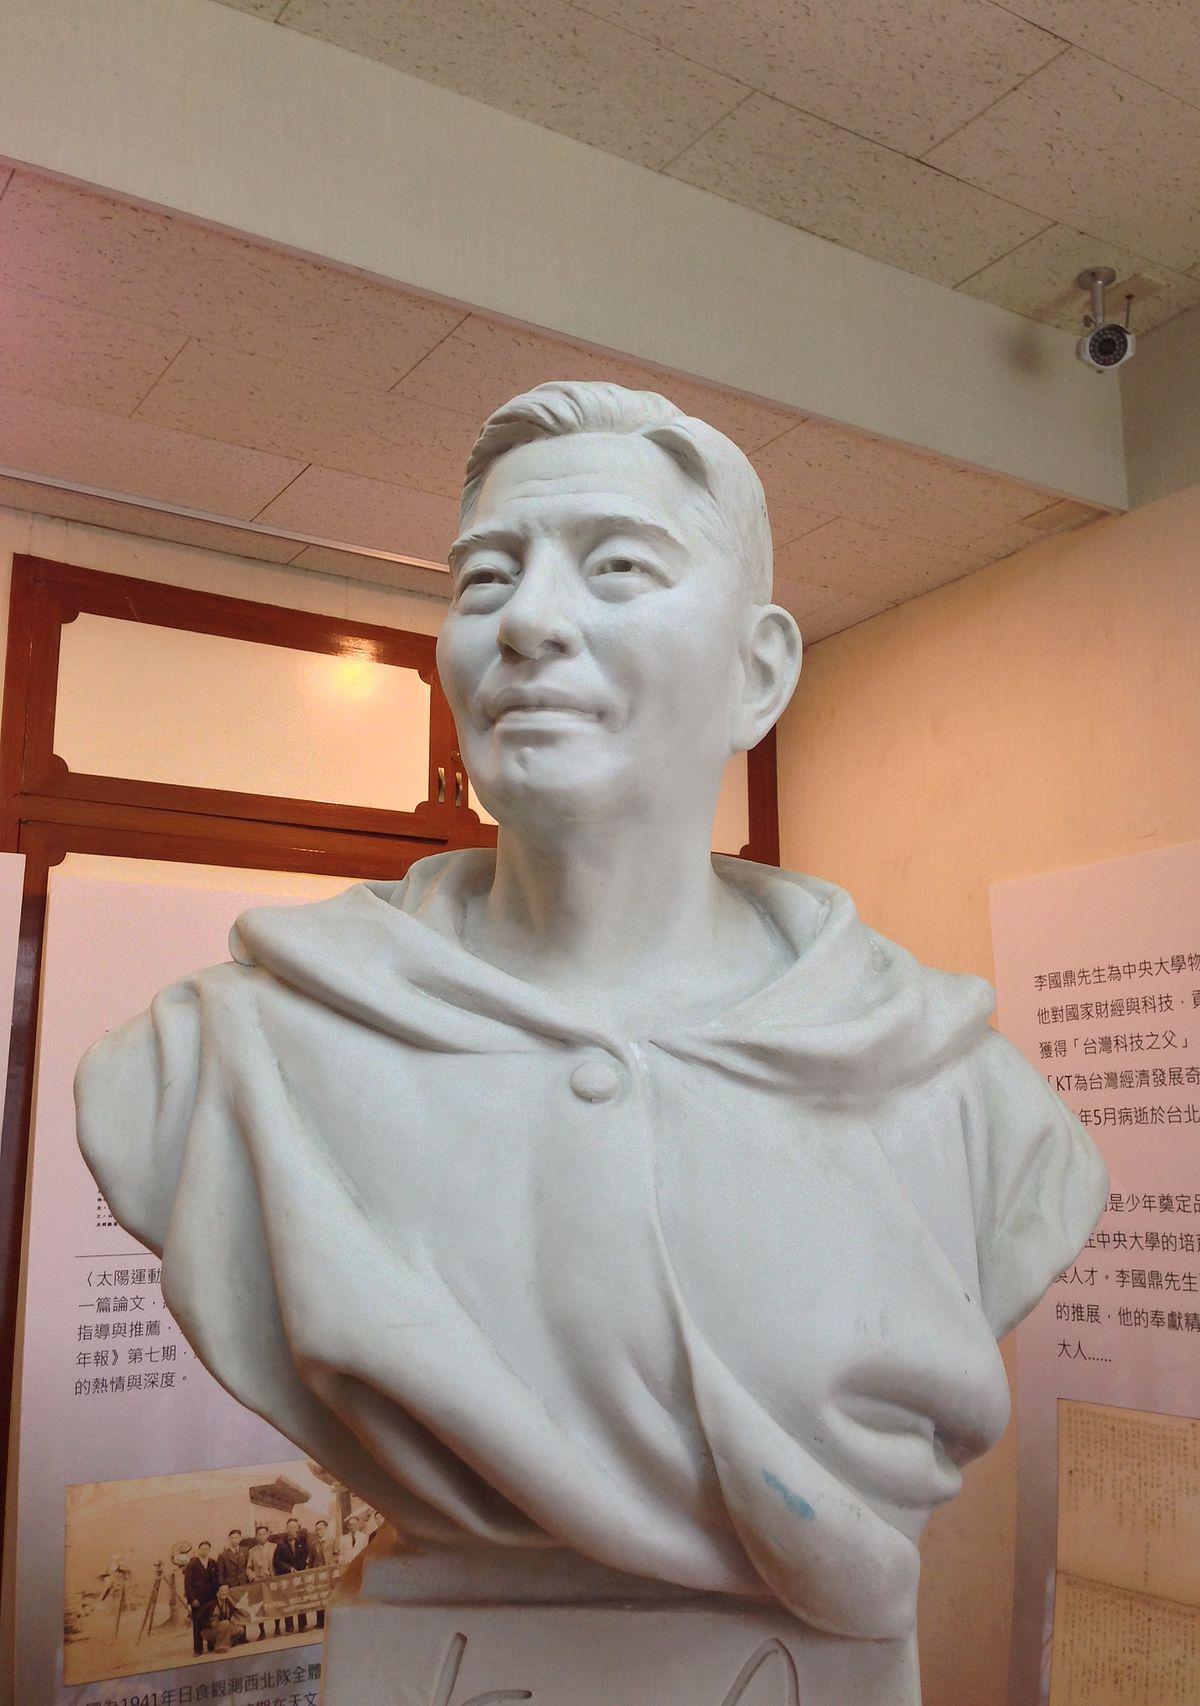 Li Kuo-Ting